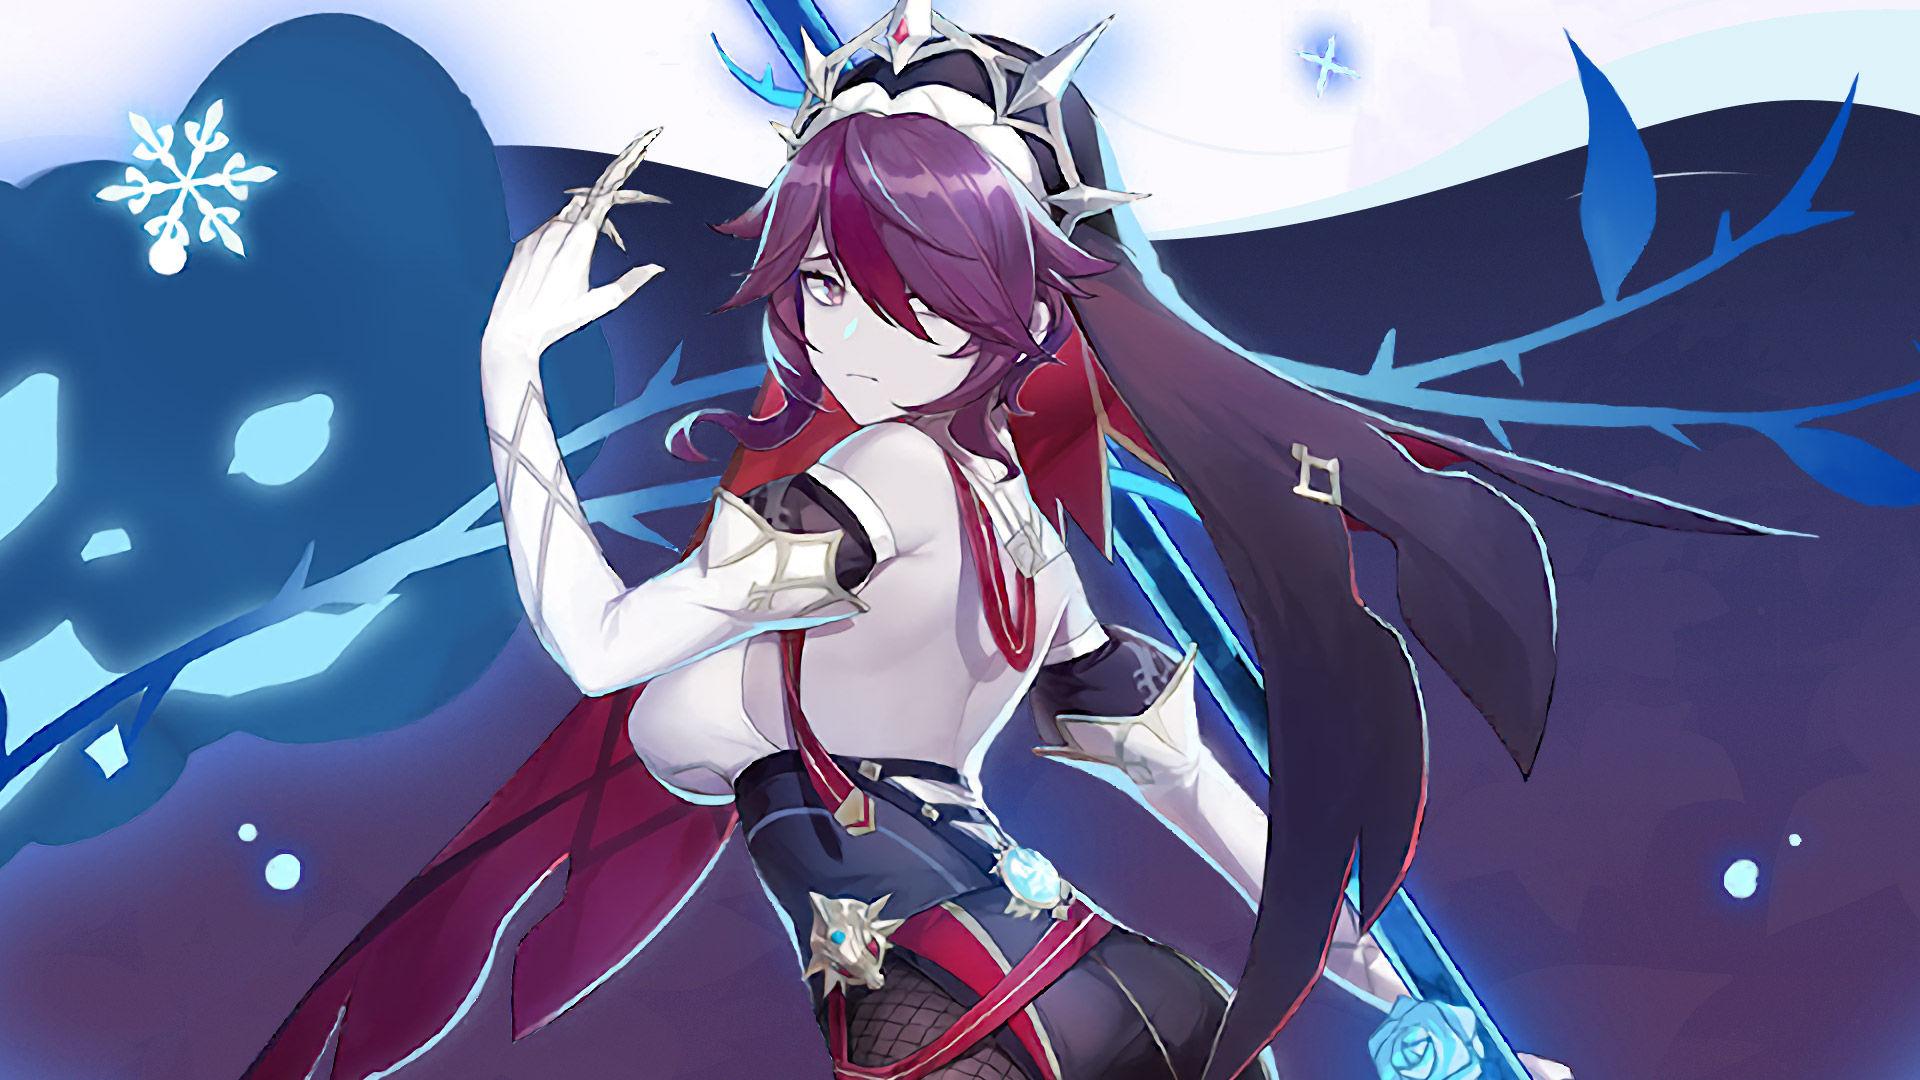 Stats del personaje Rosaria en Genshin Impact